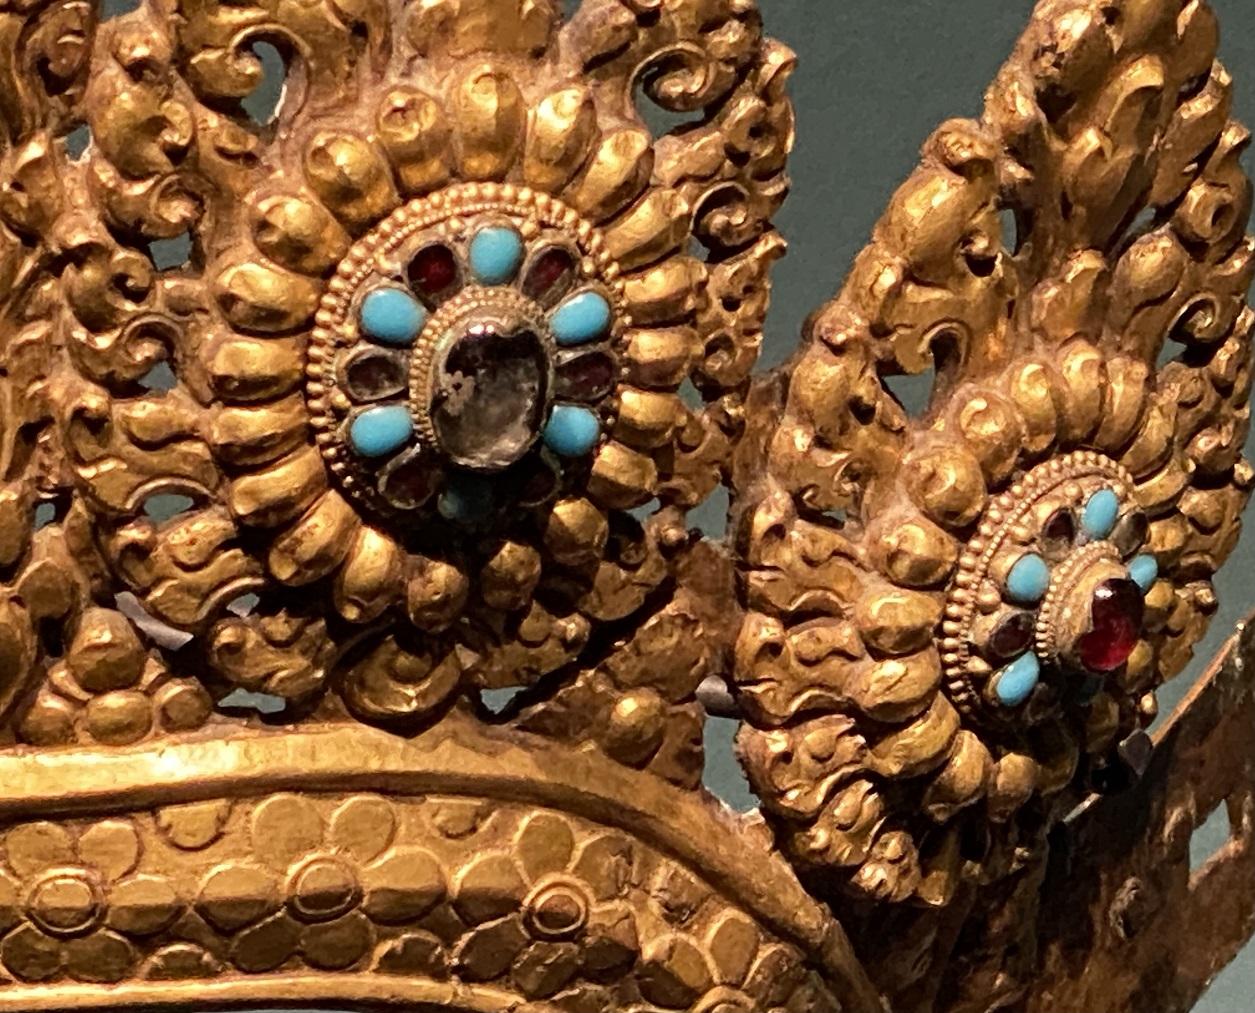 銅鎏金仏像冠-特別展【七宝玲瓏-ヒマラヤからの芸術珍品】-金沙遺跡博物館-成都